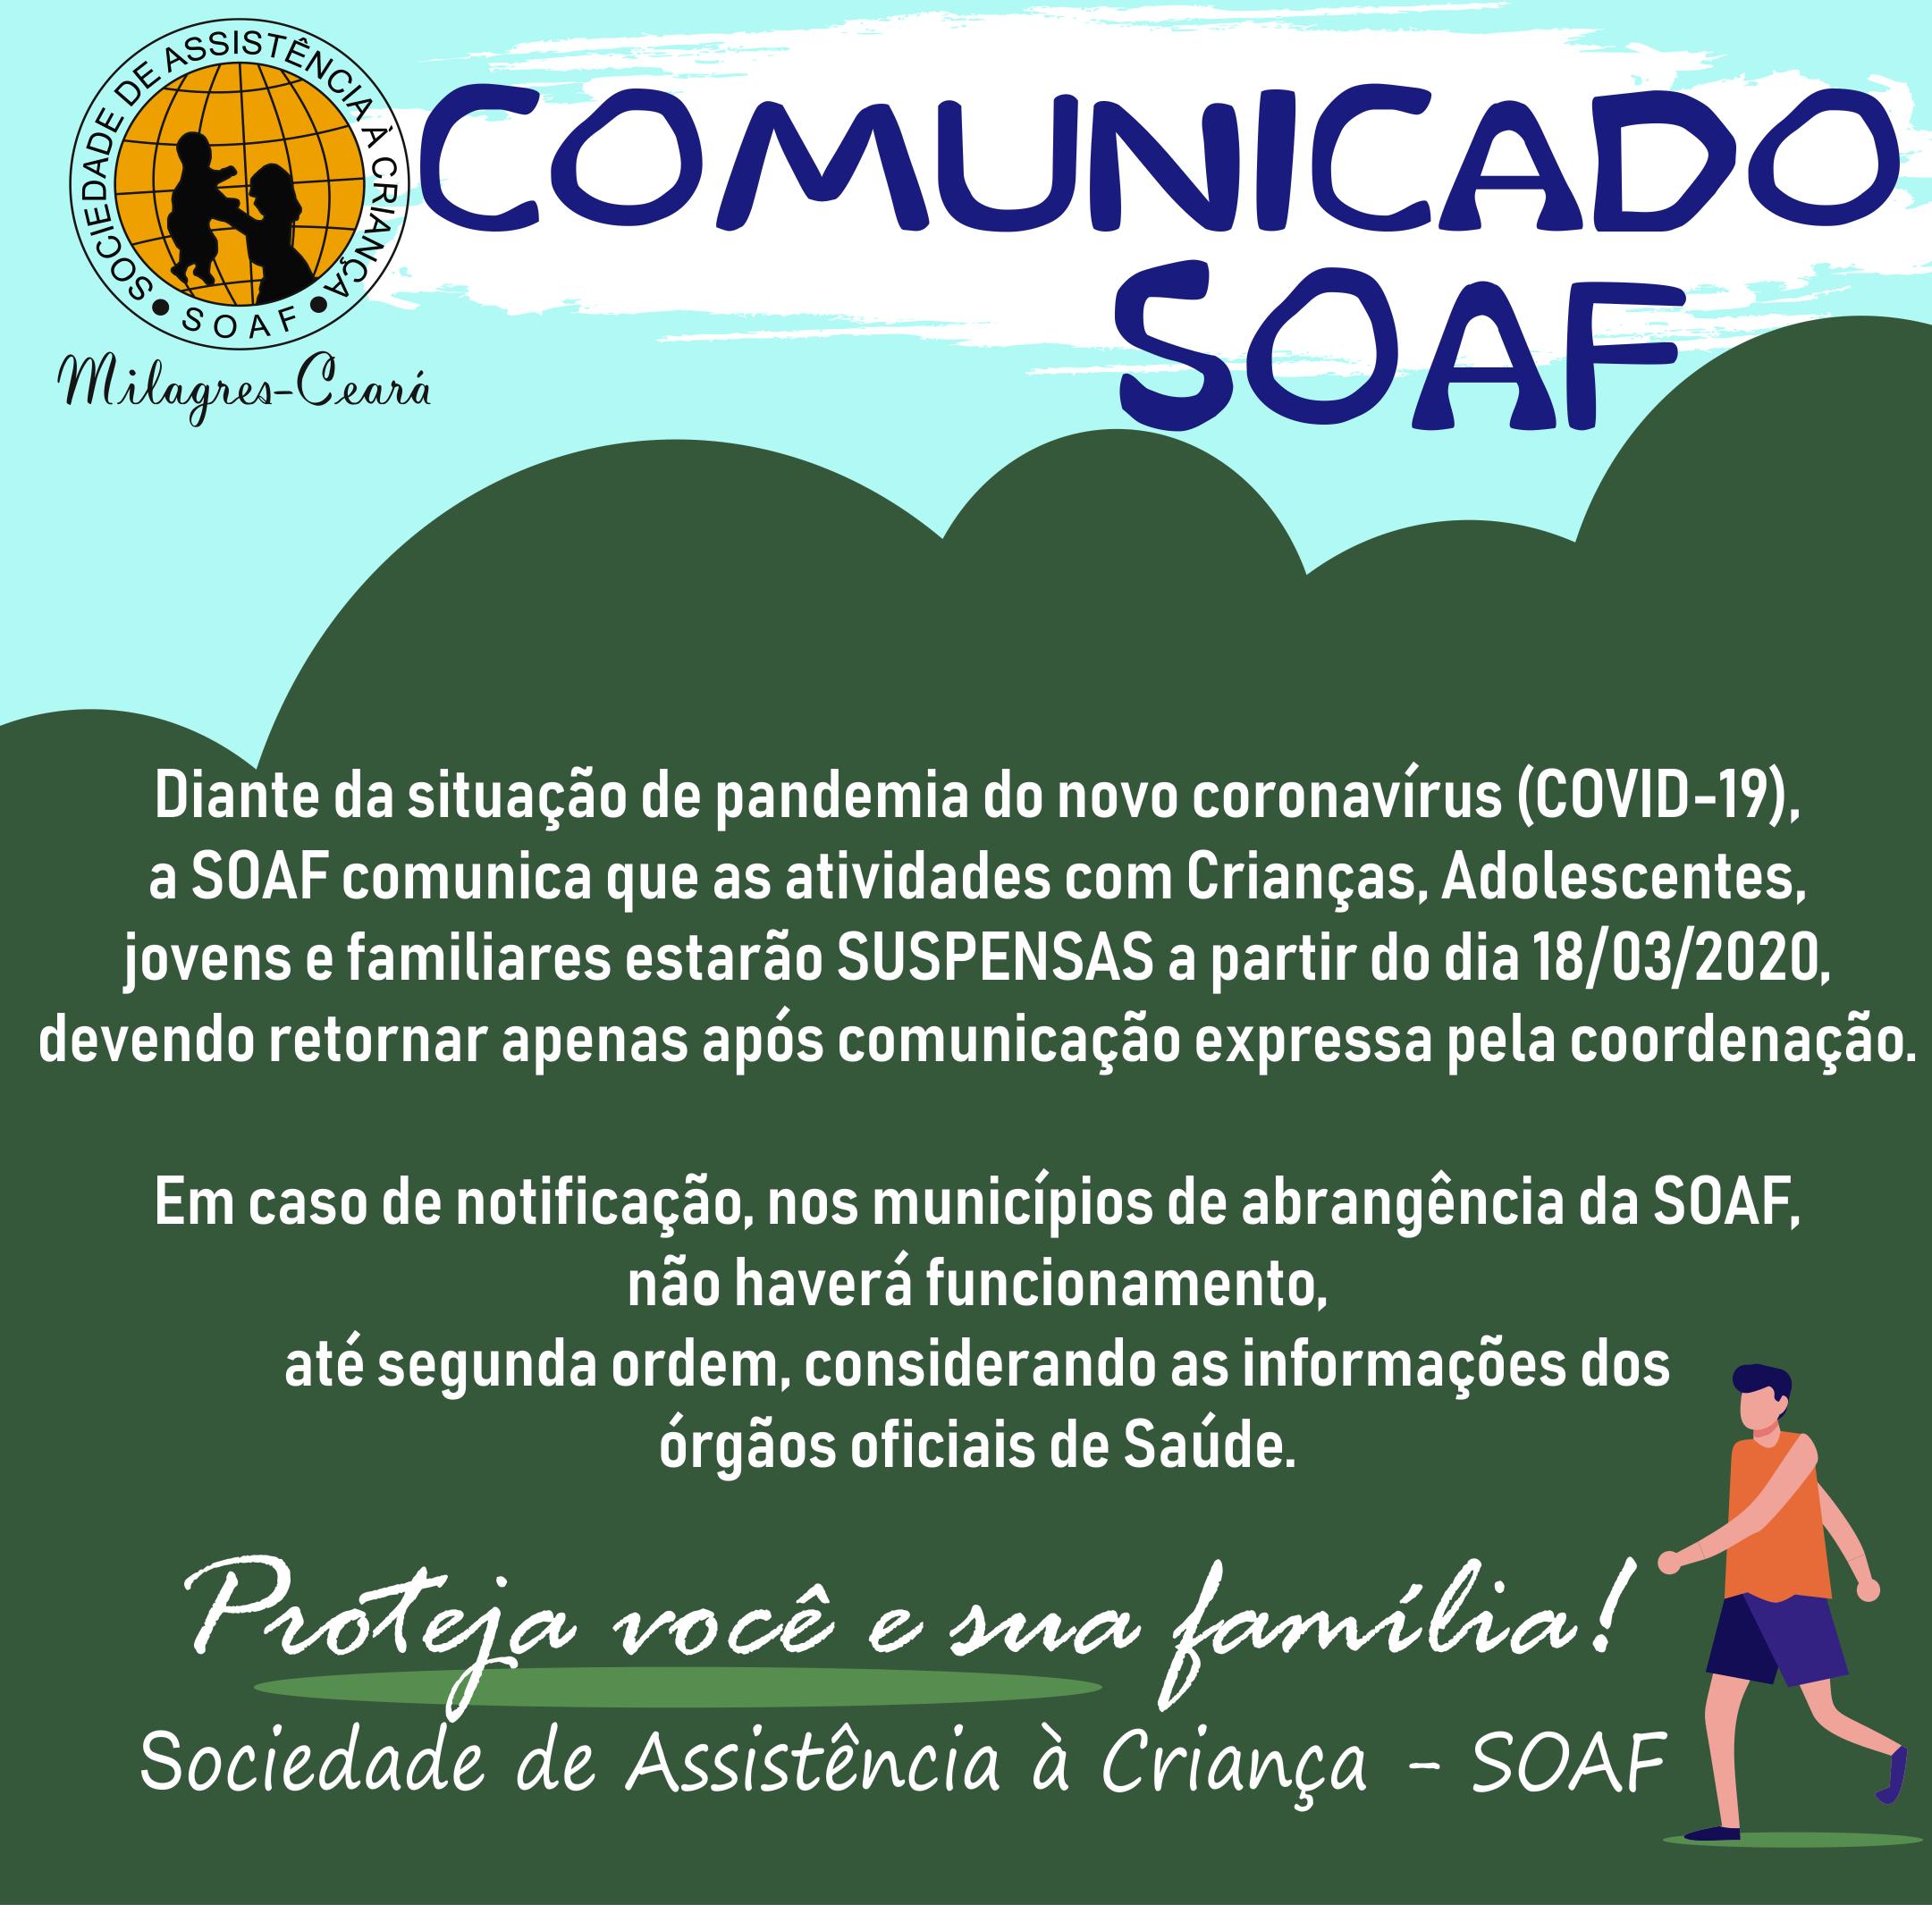 Comunicado SOAF